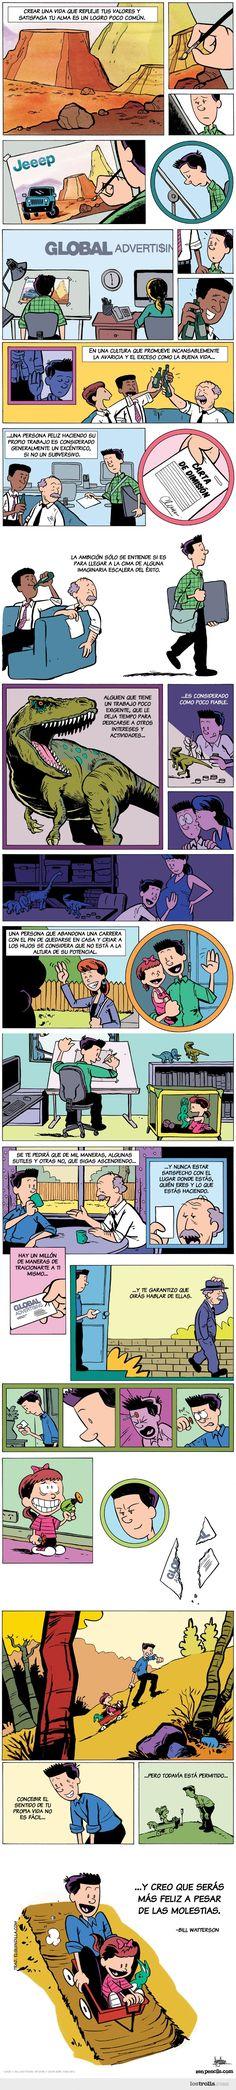 El consejo de un dibujante, muestra como a través de un comic se pueden llegar a expresar aspectos profundos de la vida, por el genio de los comics Bill Watterson